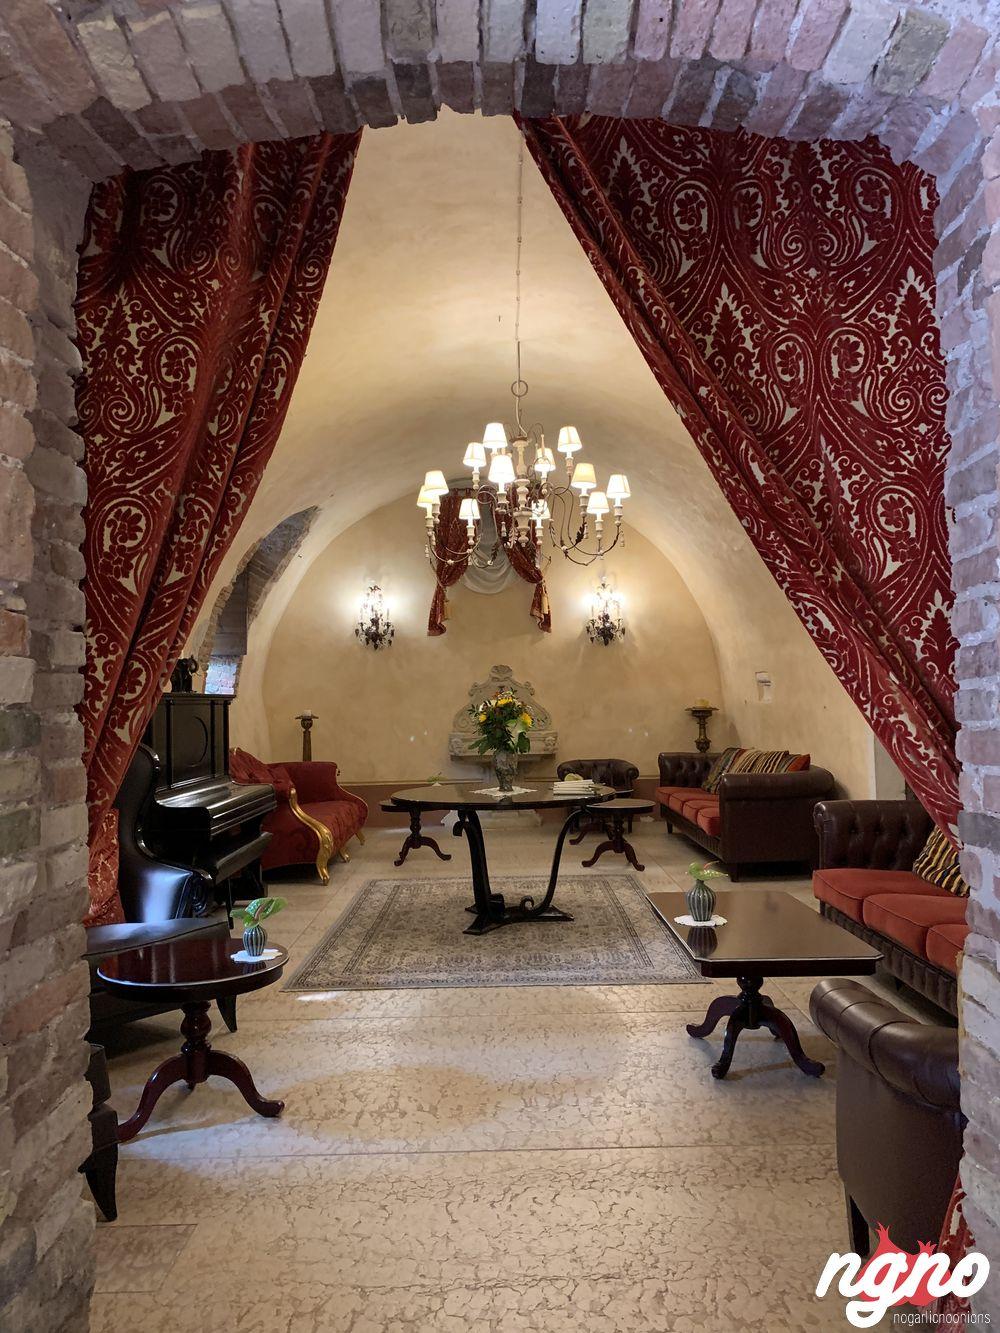 villa-cordevigo-nogarlicnoonions-1712019-06-06-09-12-01